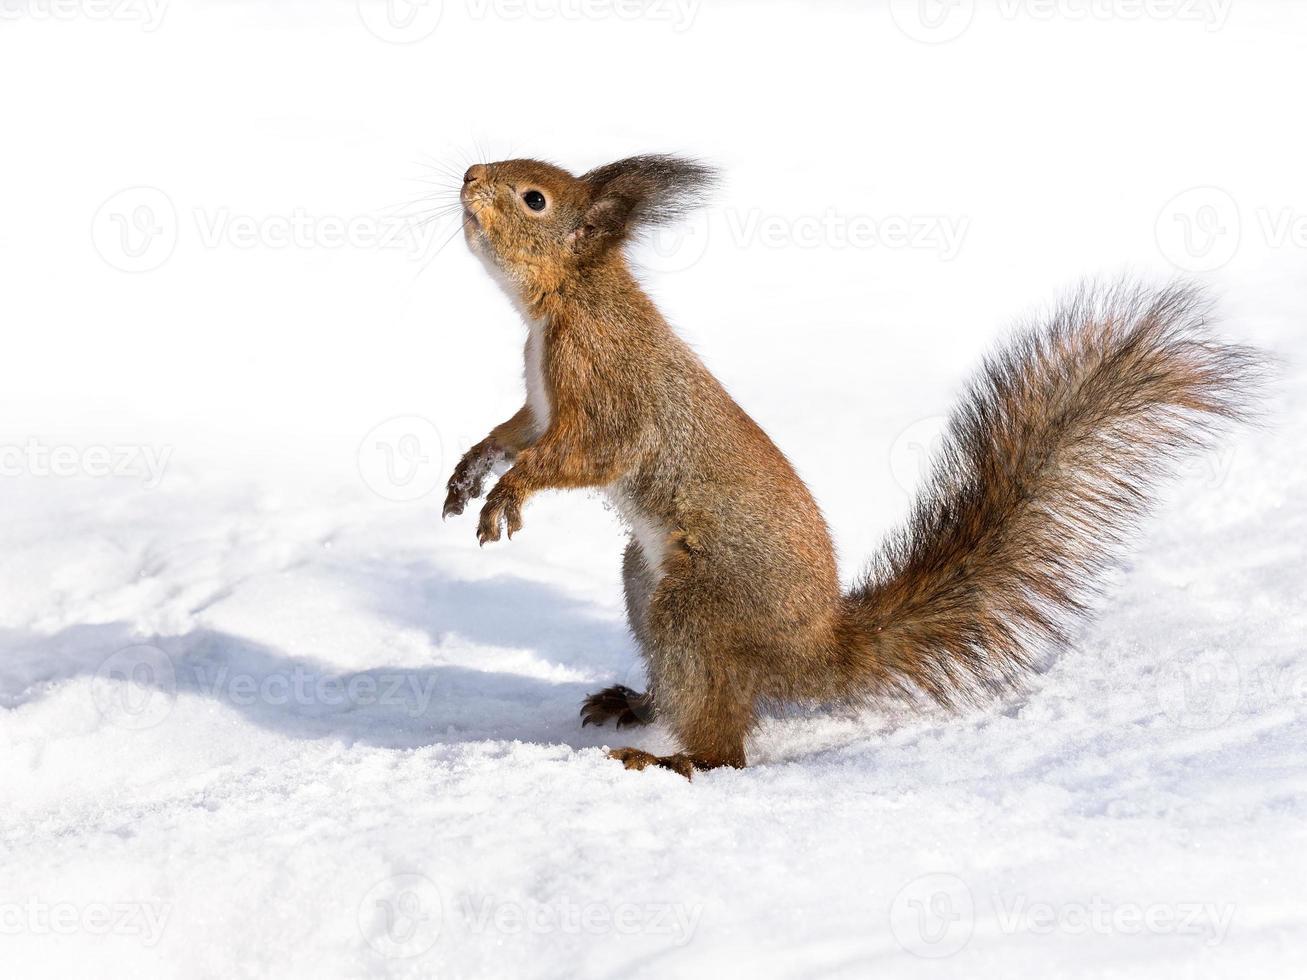 nieuwsgierige eekhoorn die zich op de sneeuw bevindt foto